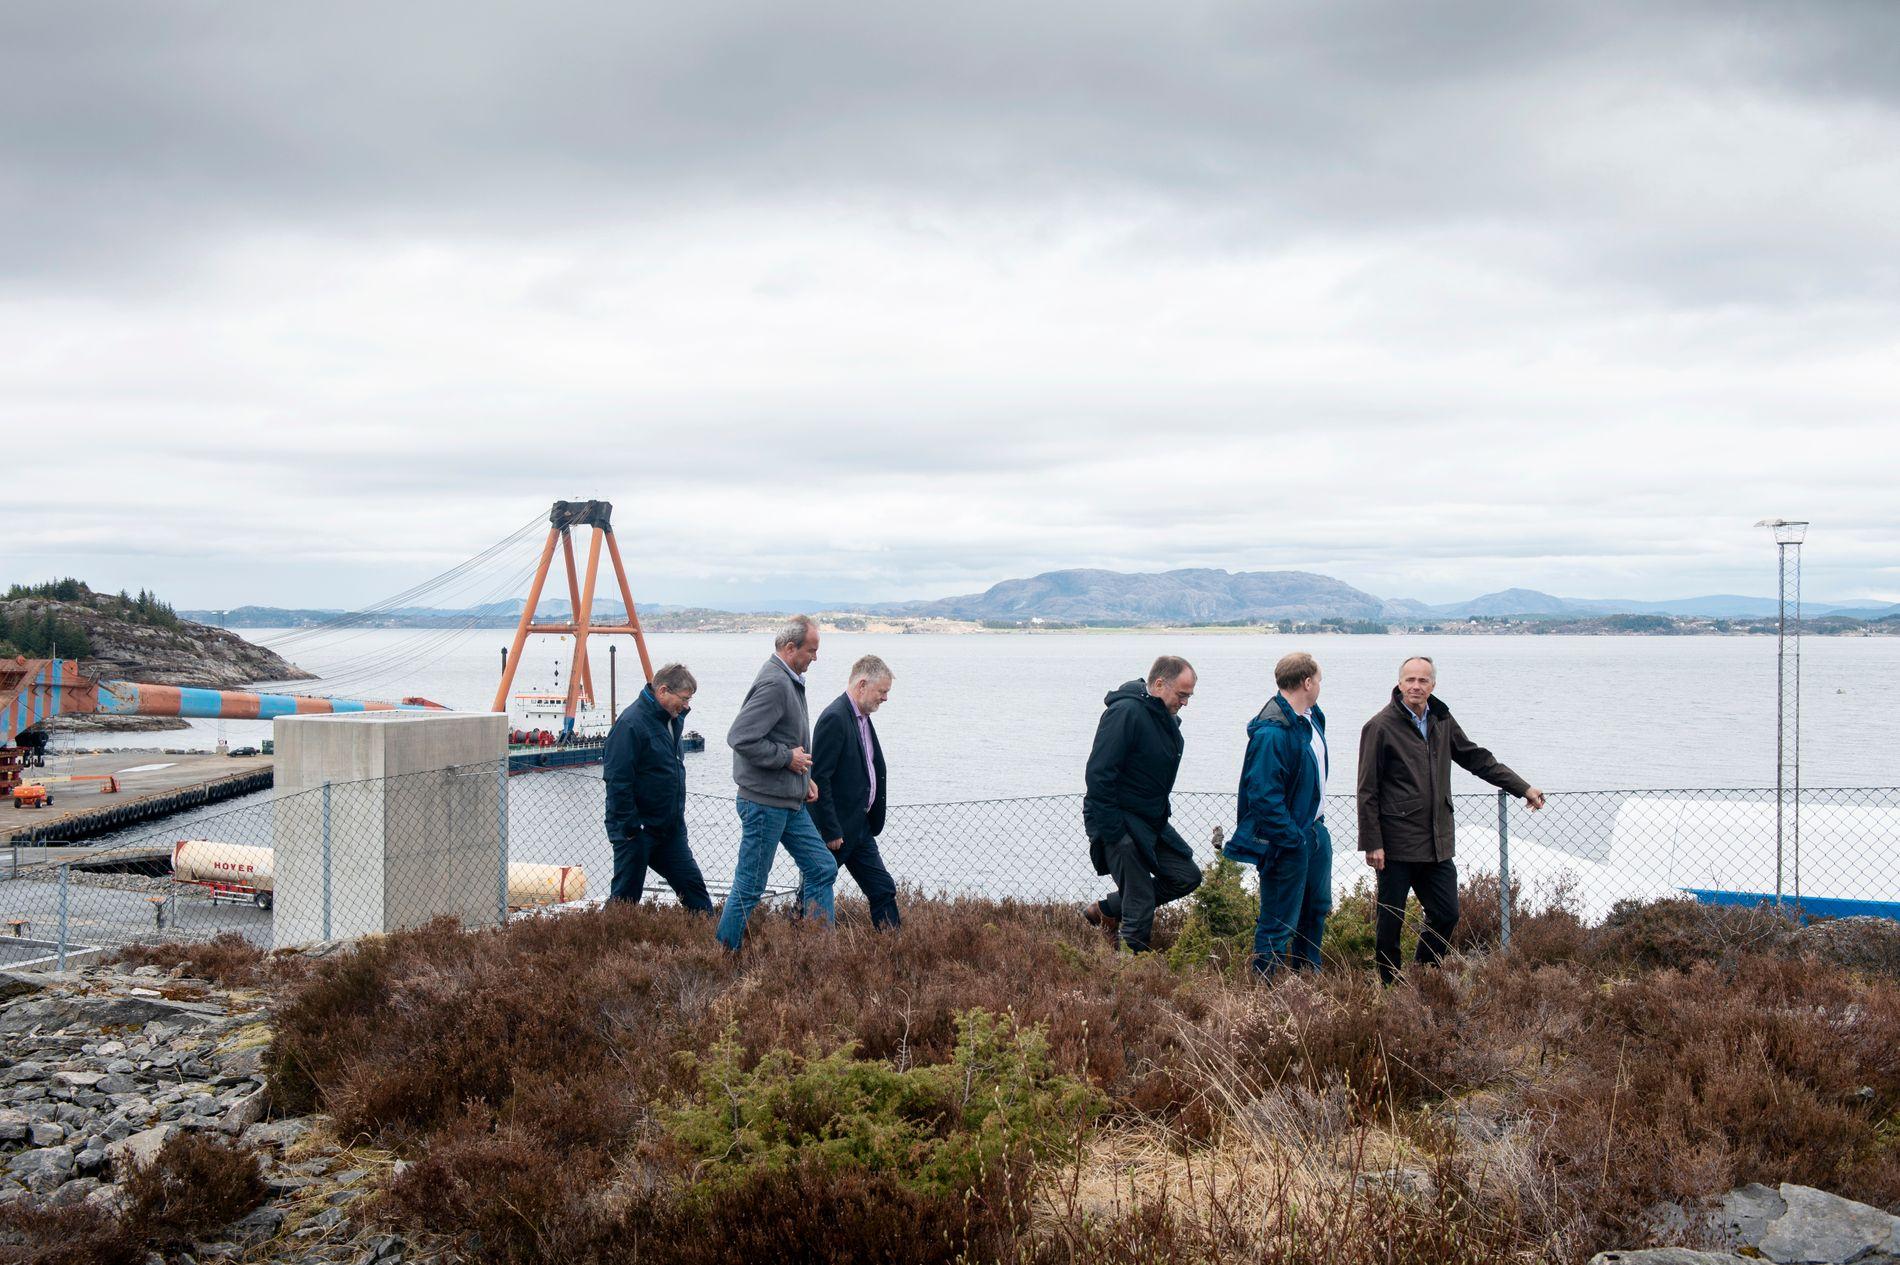 INSPEKSJON: For eit år sidan var representantar frå mellom andre Equinor, Norsk Industri og klimastiftinga Zero på Kollsnes for å sjå området der CO₂ skal førast i land frå skip, og pumpast ut i ein fjellformasjon i Nordsjøen.